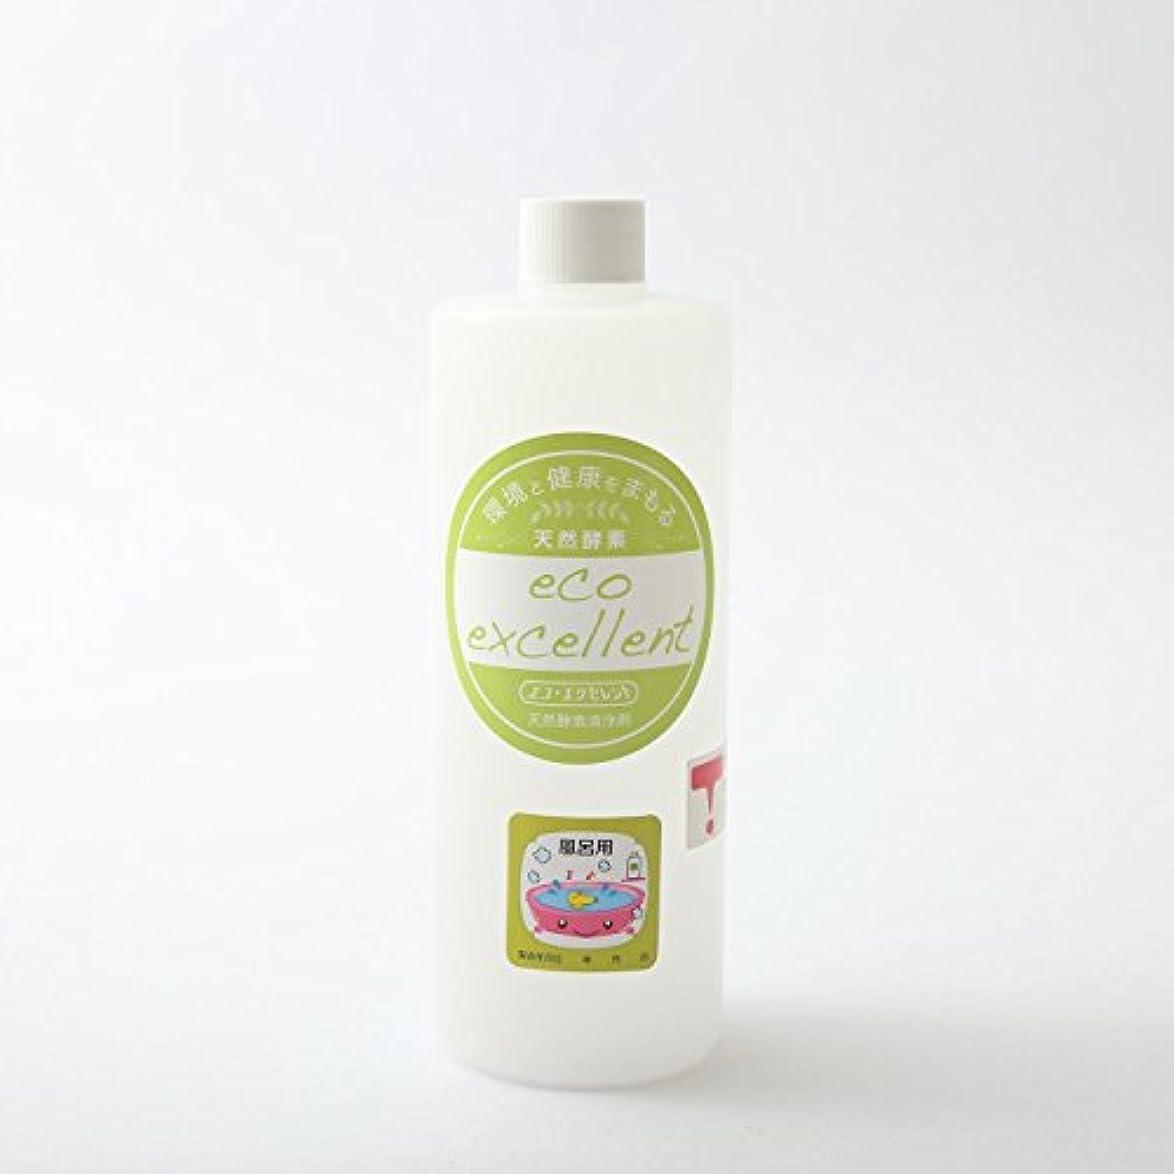 一晩削除する再集計天然酵素洗浄剤 エコエクセレント風呂用